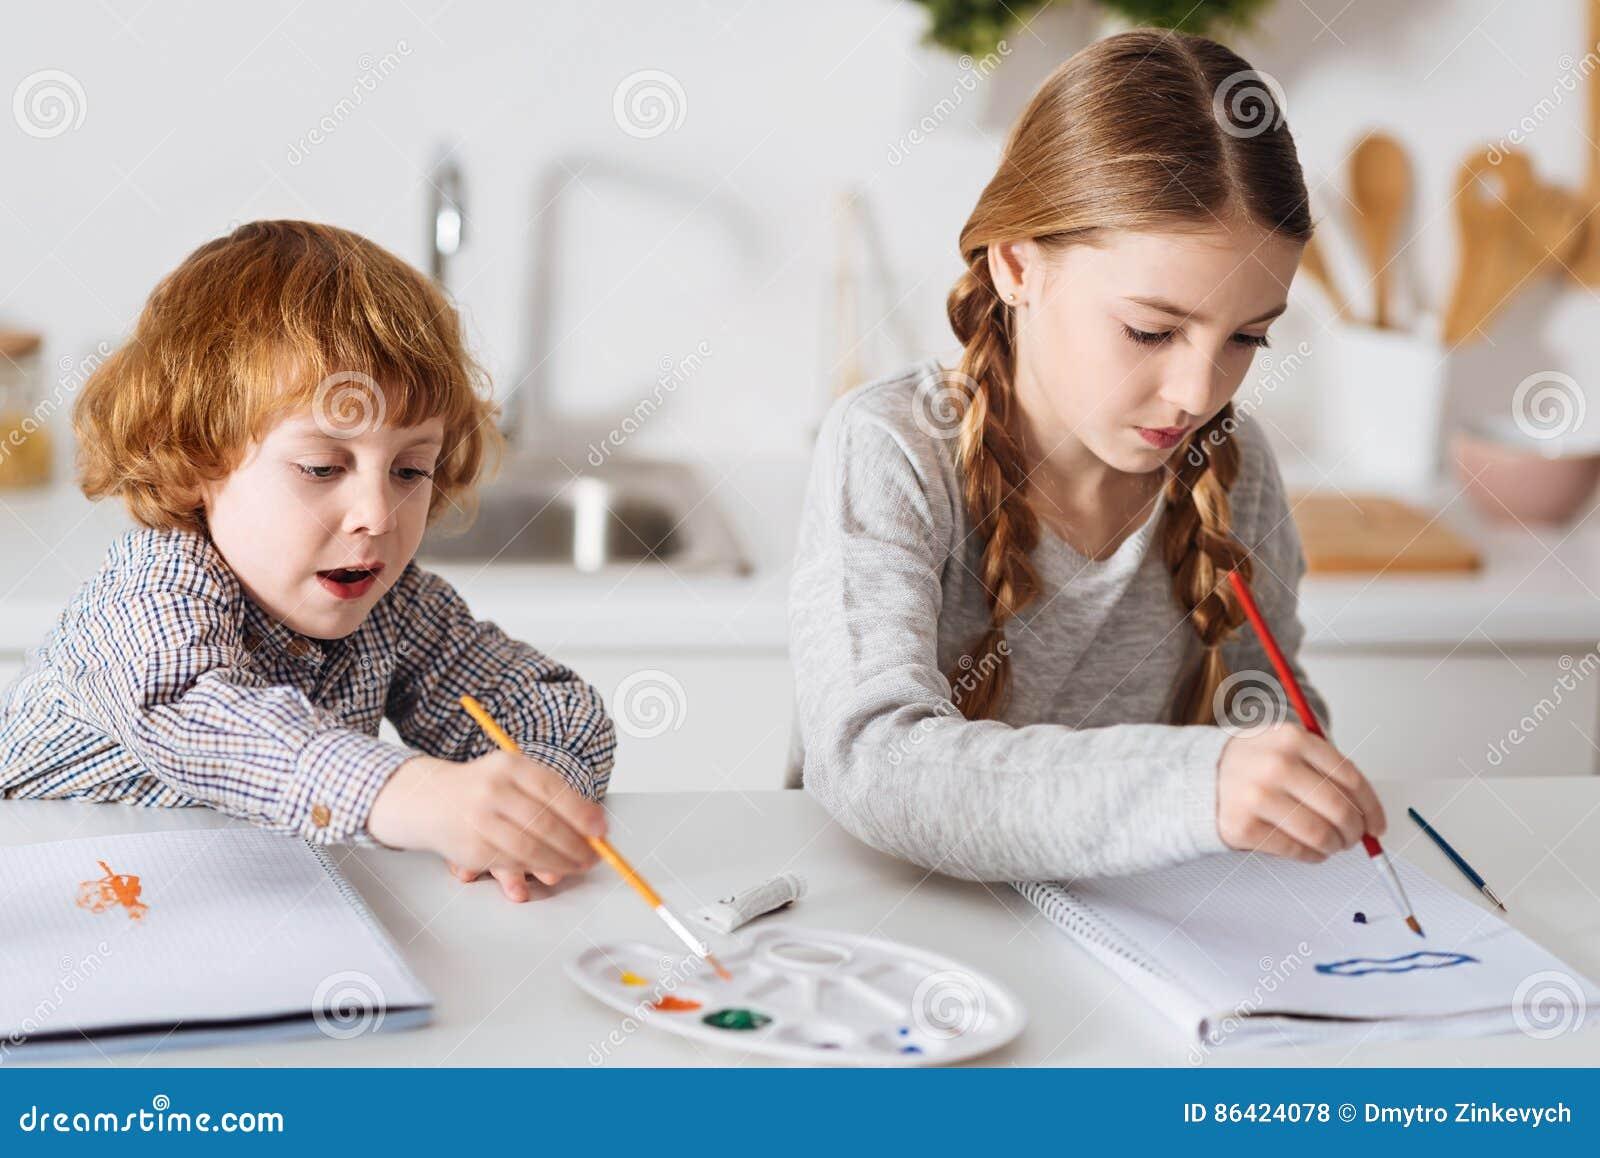 Entschlossene Kreative Geschwister Die In Der Kuche Malen Stockfoto